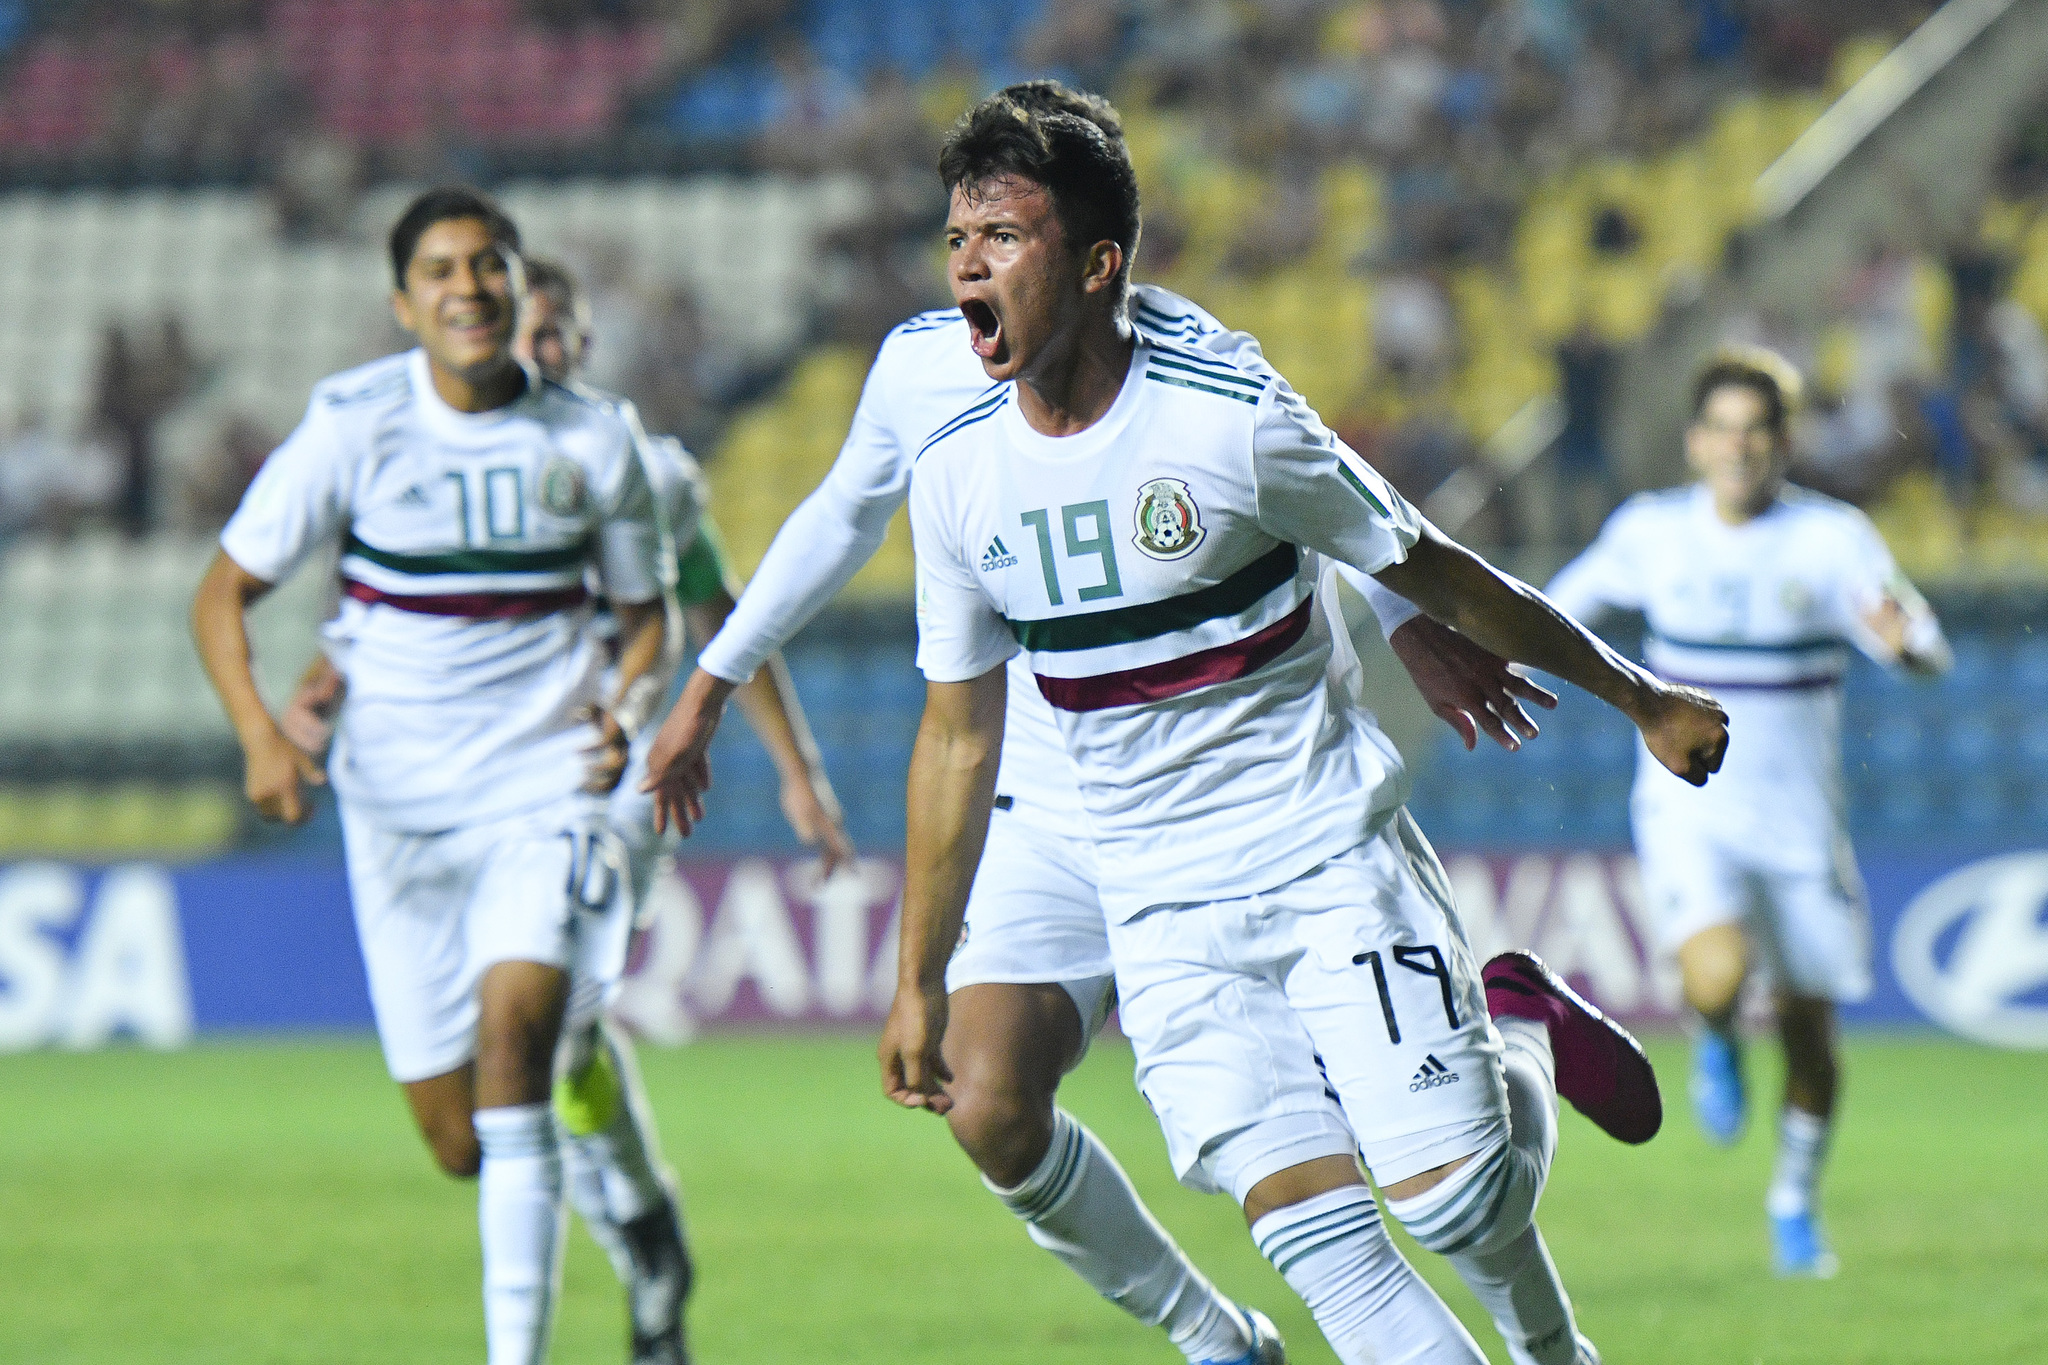 La selección mexicana se calificó a las semifinales